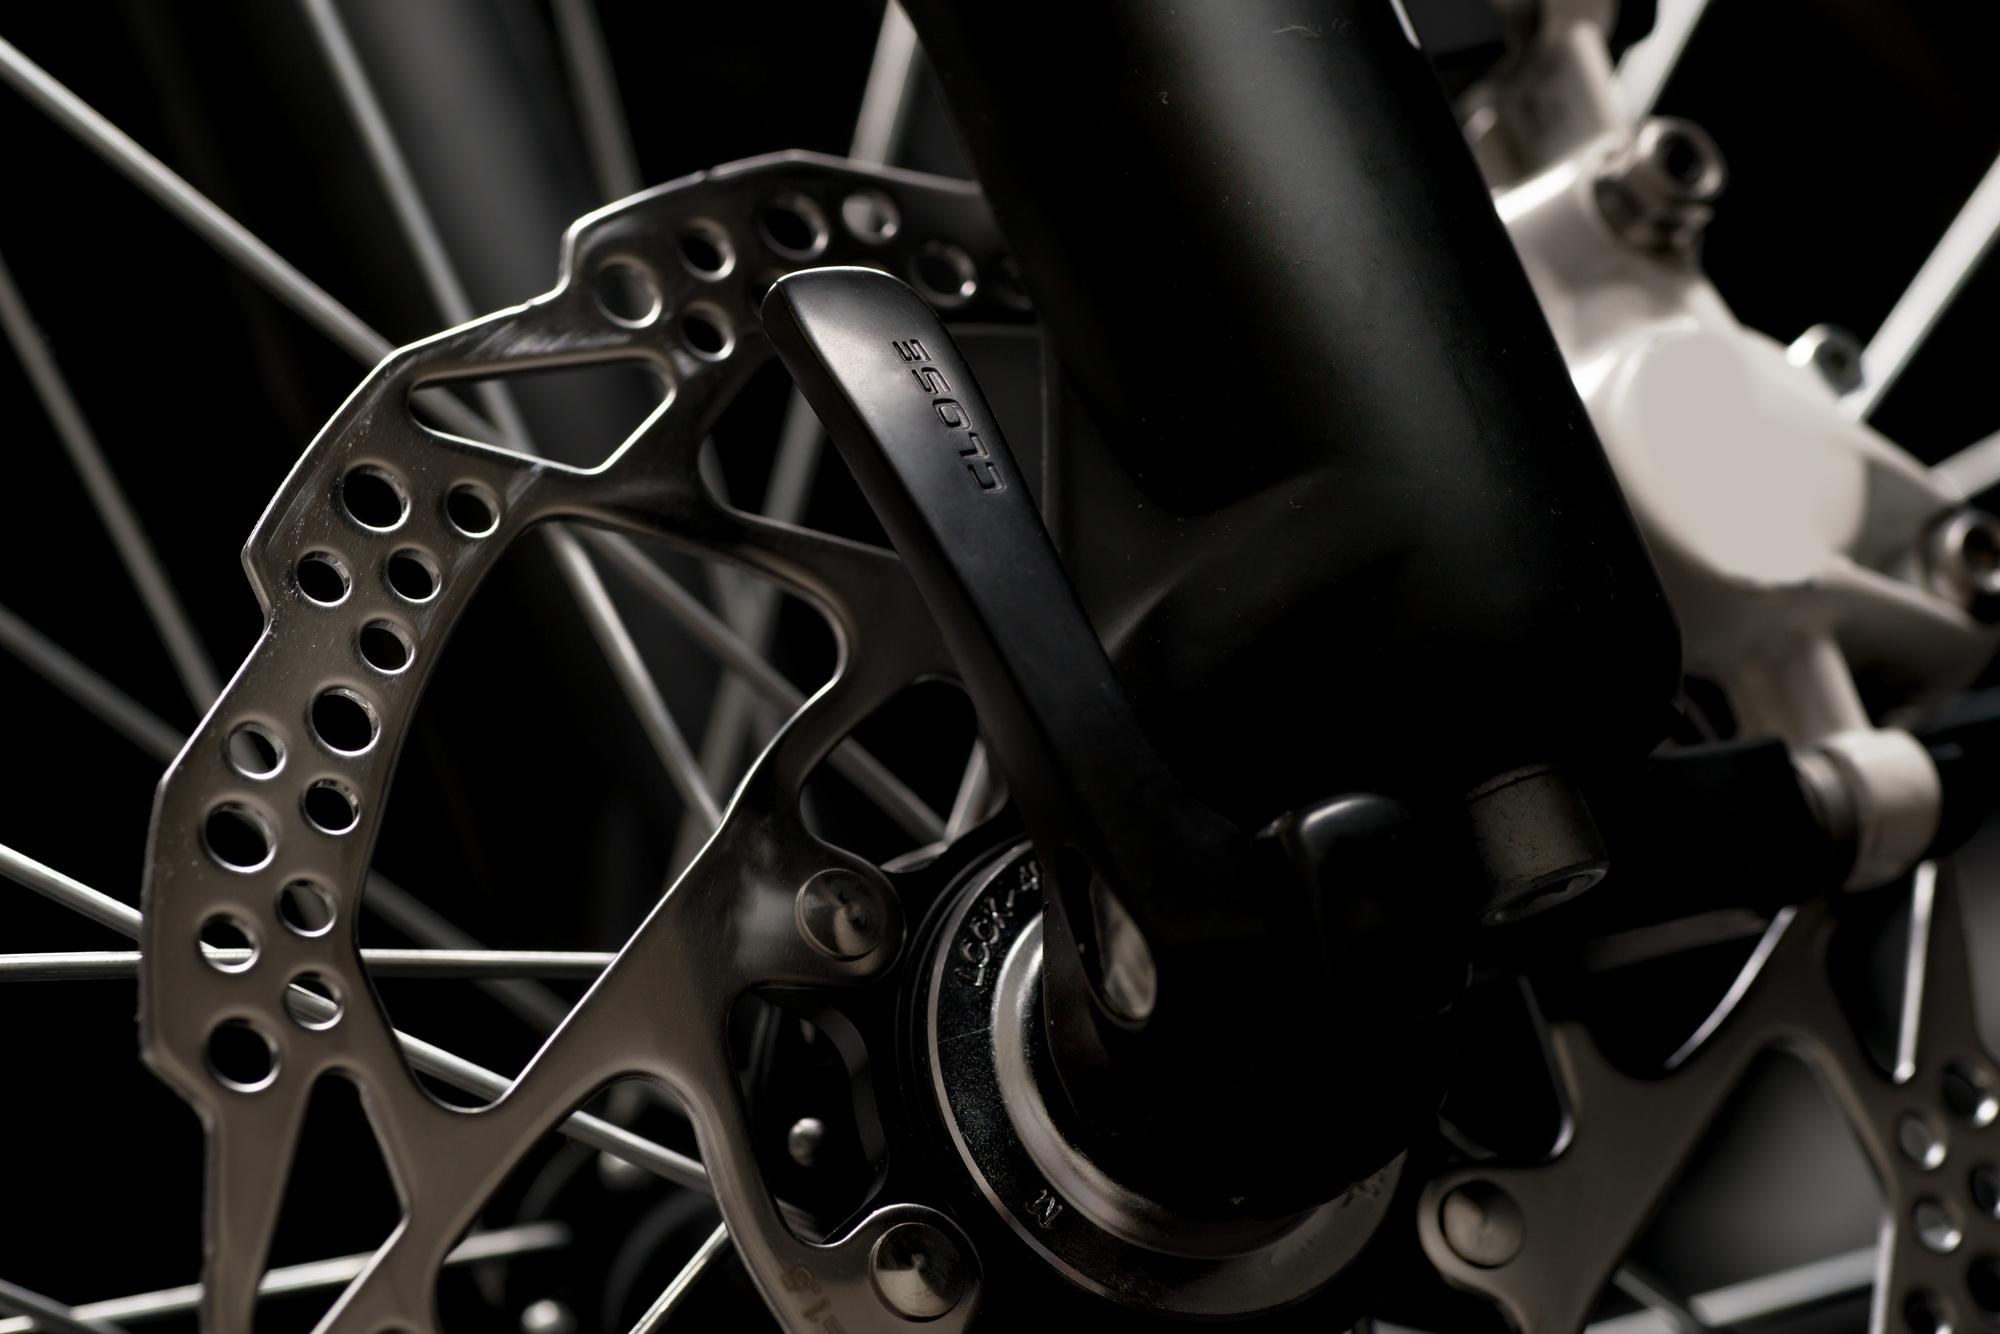 ロードバイクにディスクブレーキは必要?メリット・デメリットを考えてみた